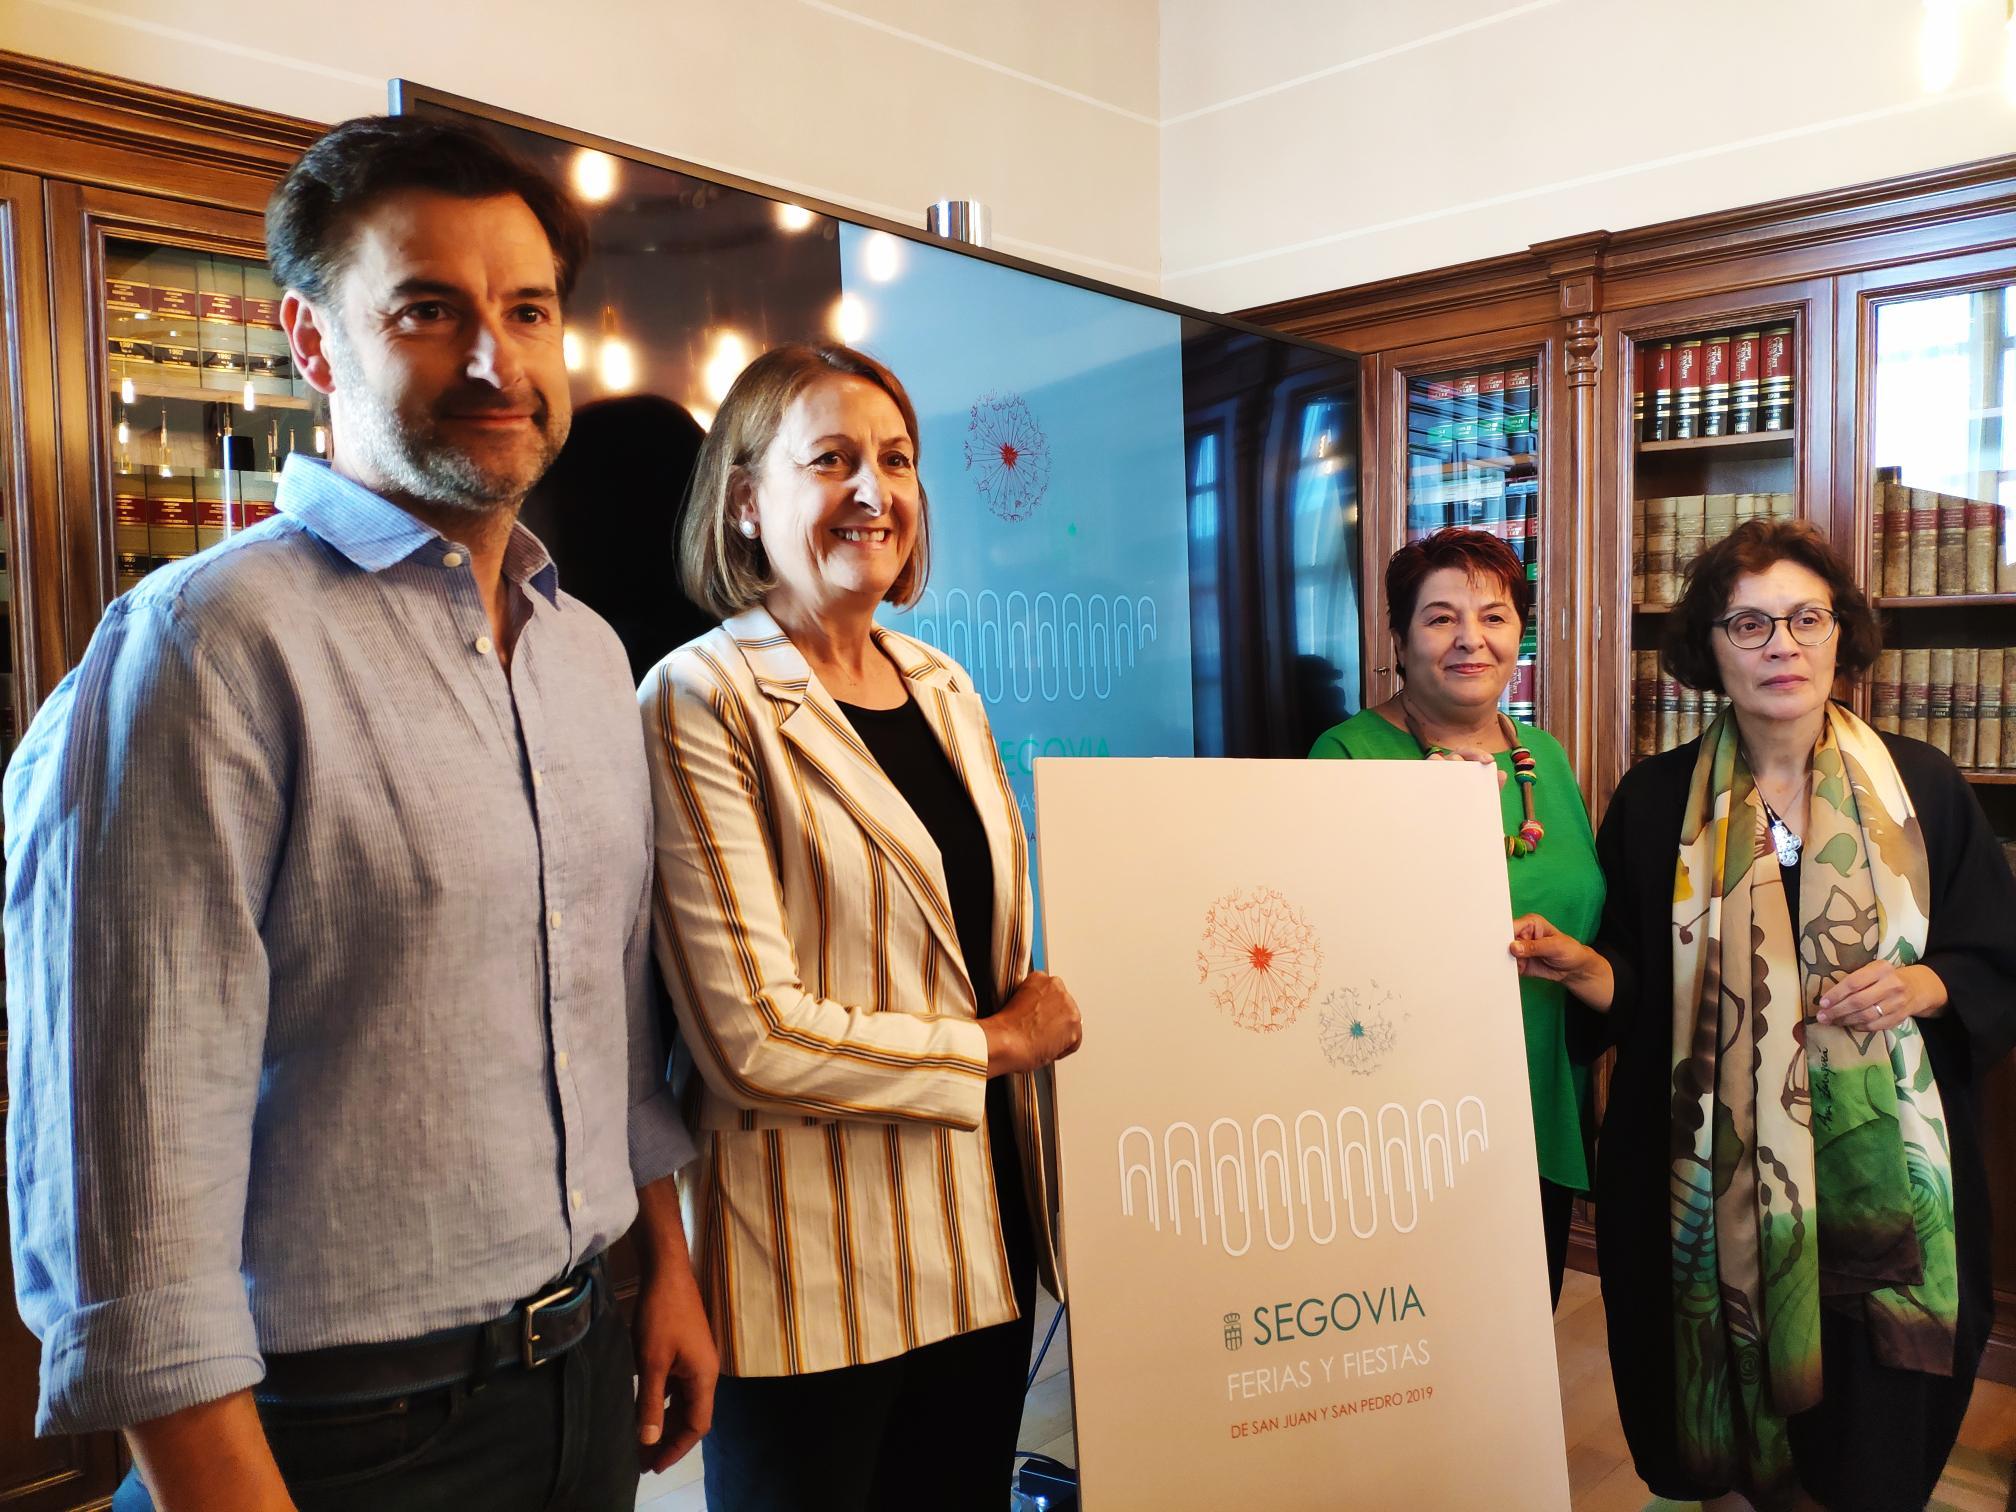 Segovia se prepara para vivir las fiestas de San Juan y San Pedro 2019